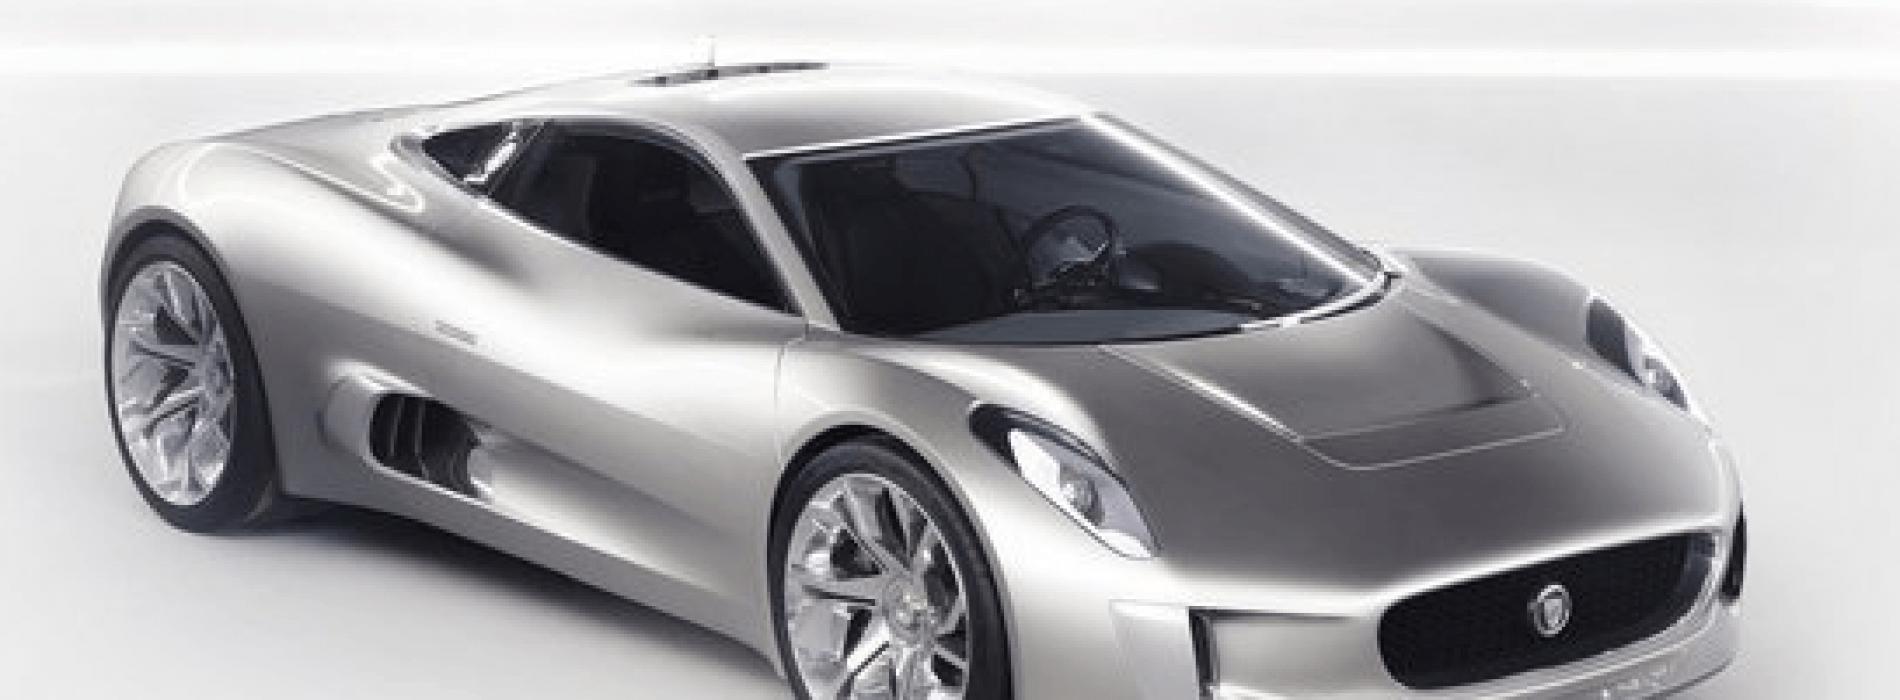 Jaguar presenta su auto concepto C-x75